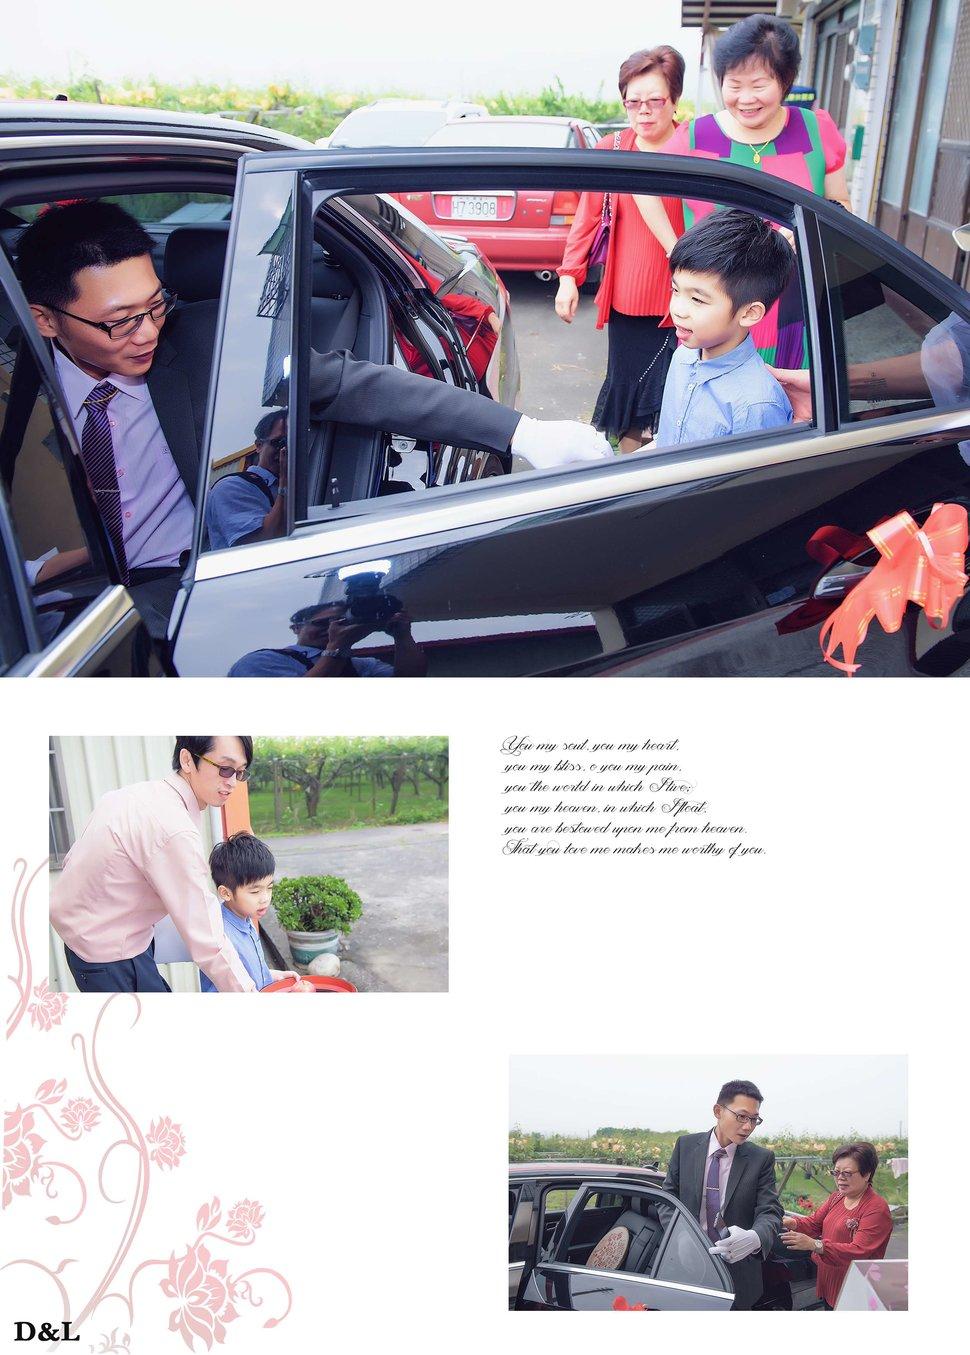 婚禮記錄 錦全&昀臻(編號:6095) - D&L 婚禮事務-婚紗攝影/婚禮記錄 - 結婚吧一站式婚禮服務平台